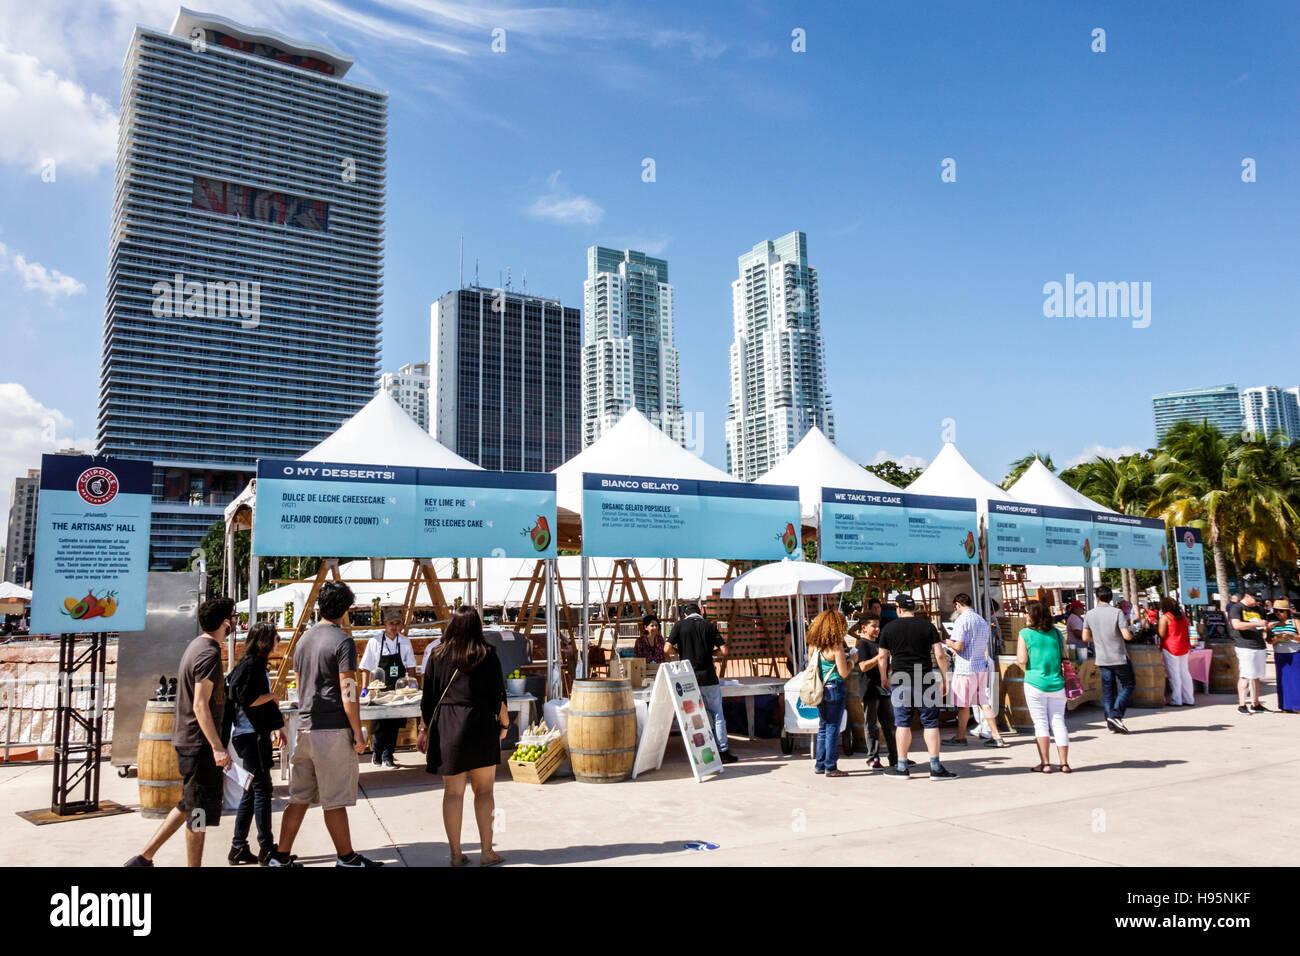 Miami Florida Bayfront Park Chipotle Festival Anbieter stände Kultivieren Stände desserts Hochhaus condominiums Stockbild